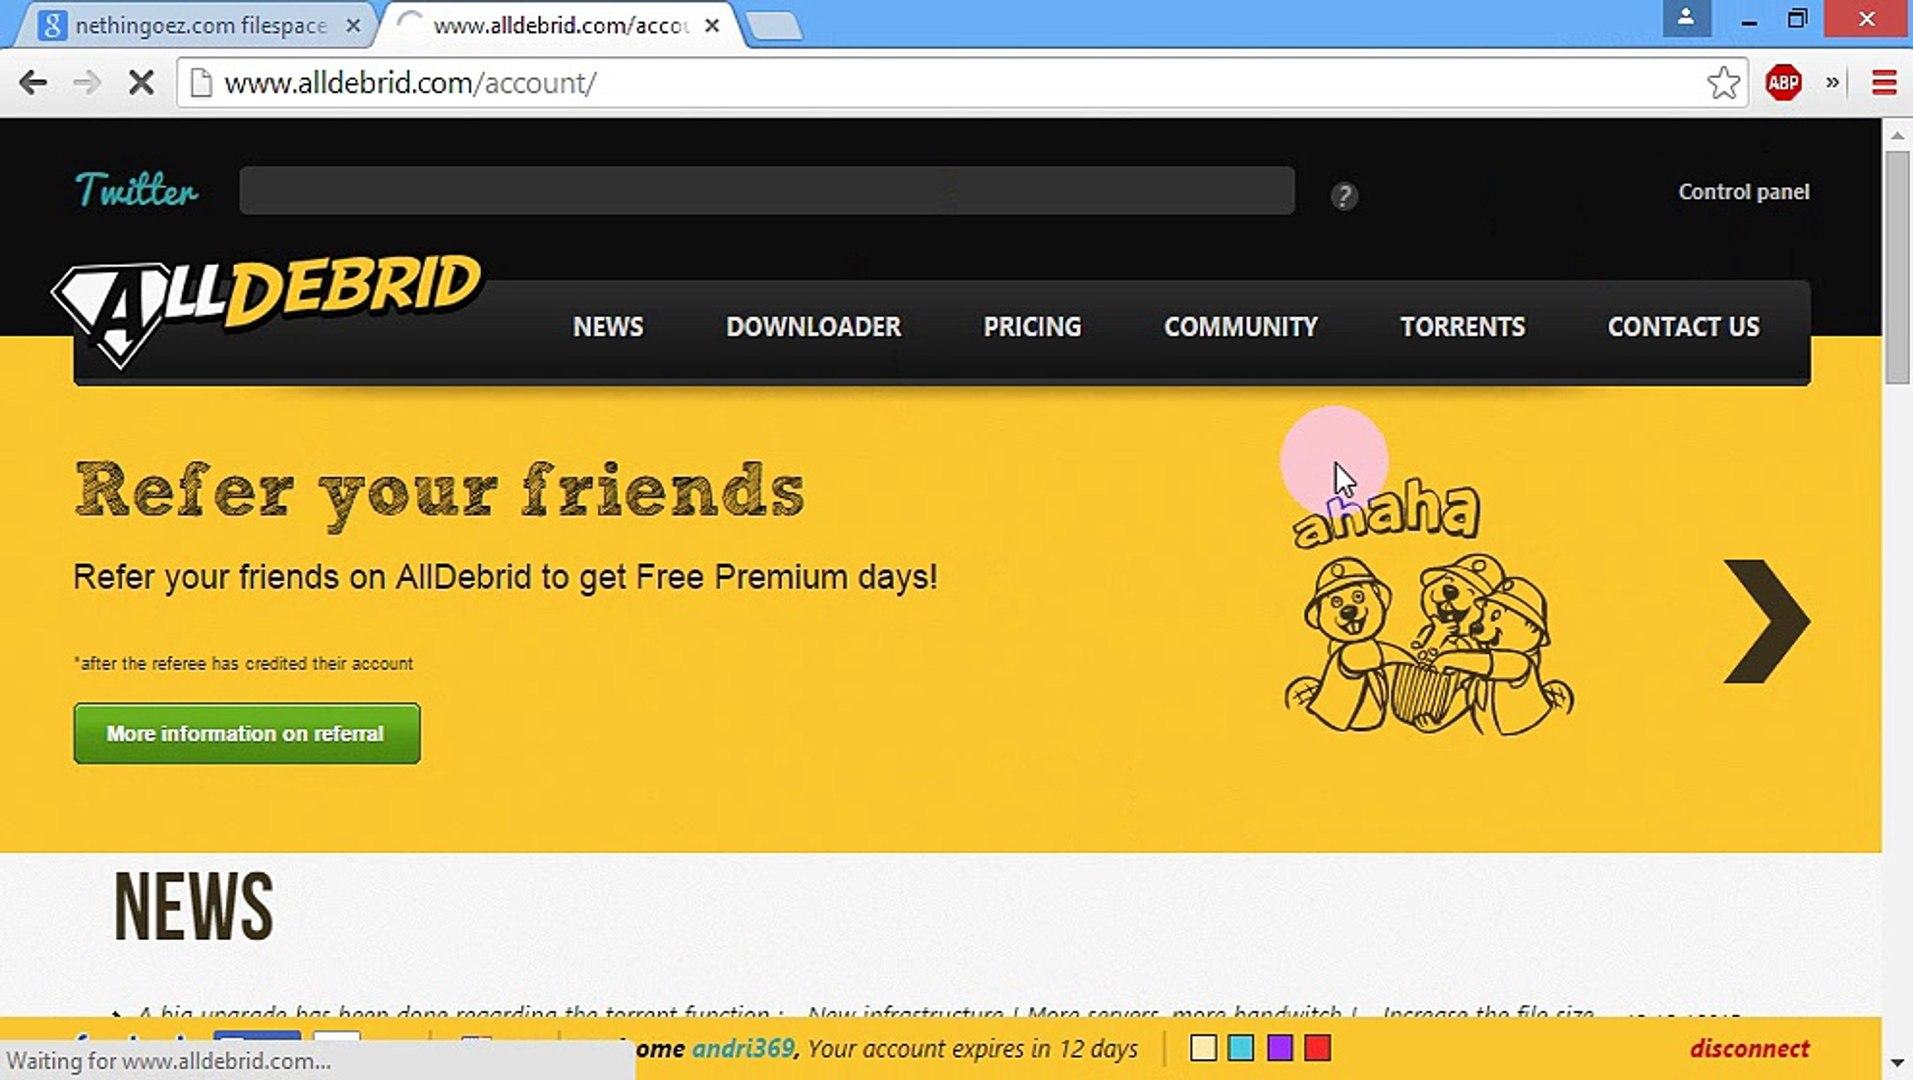 alldebrid com [www fpabd com]